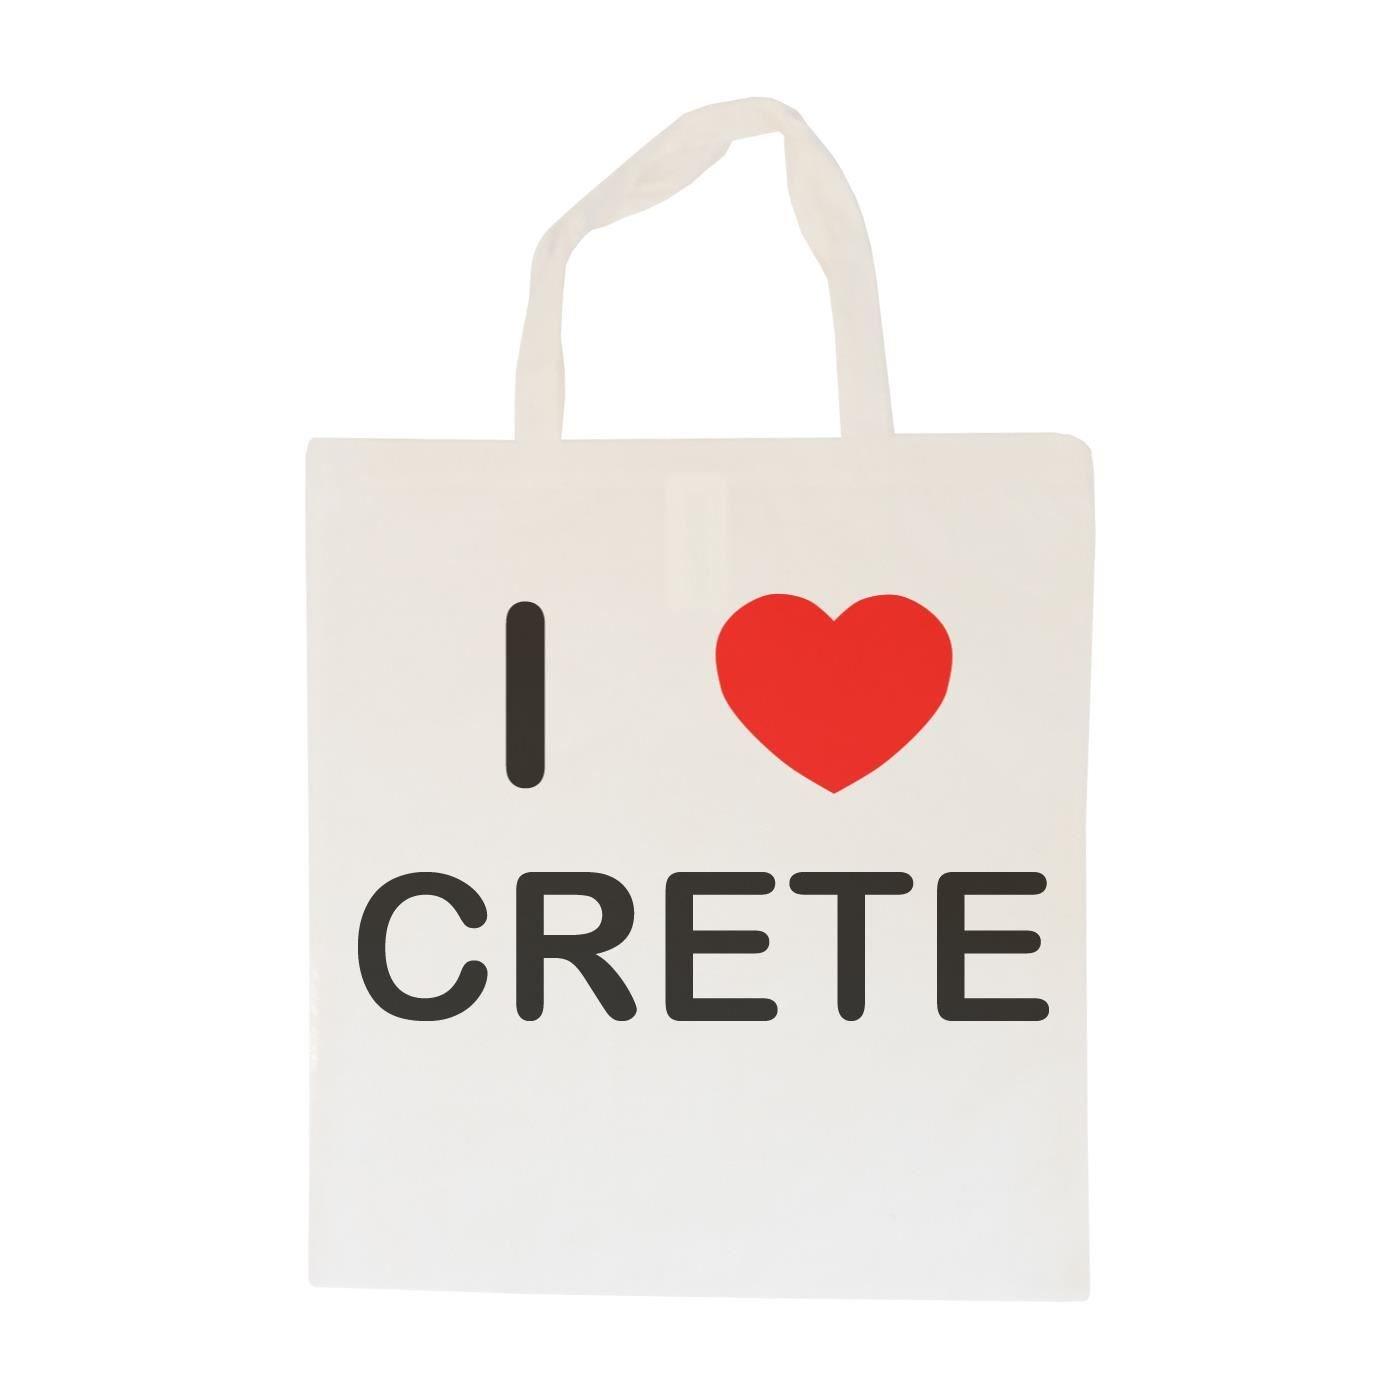 I Love Crete Cotton Tote Bag